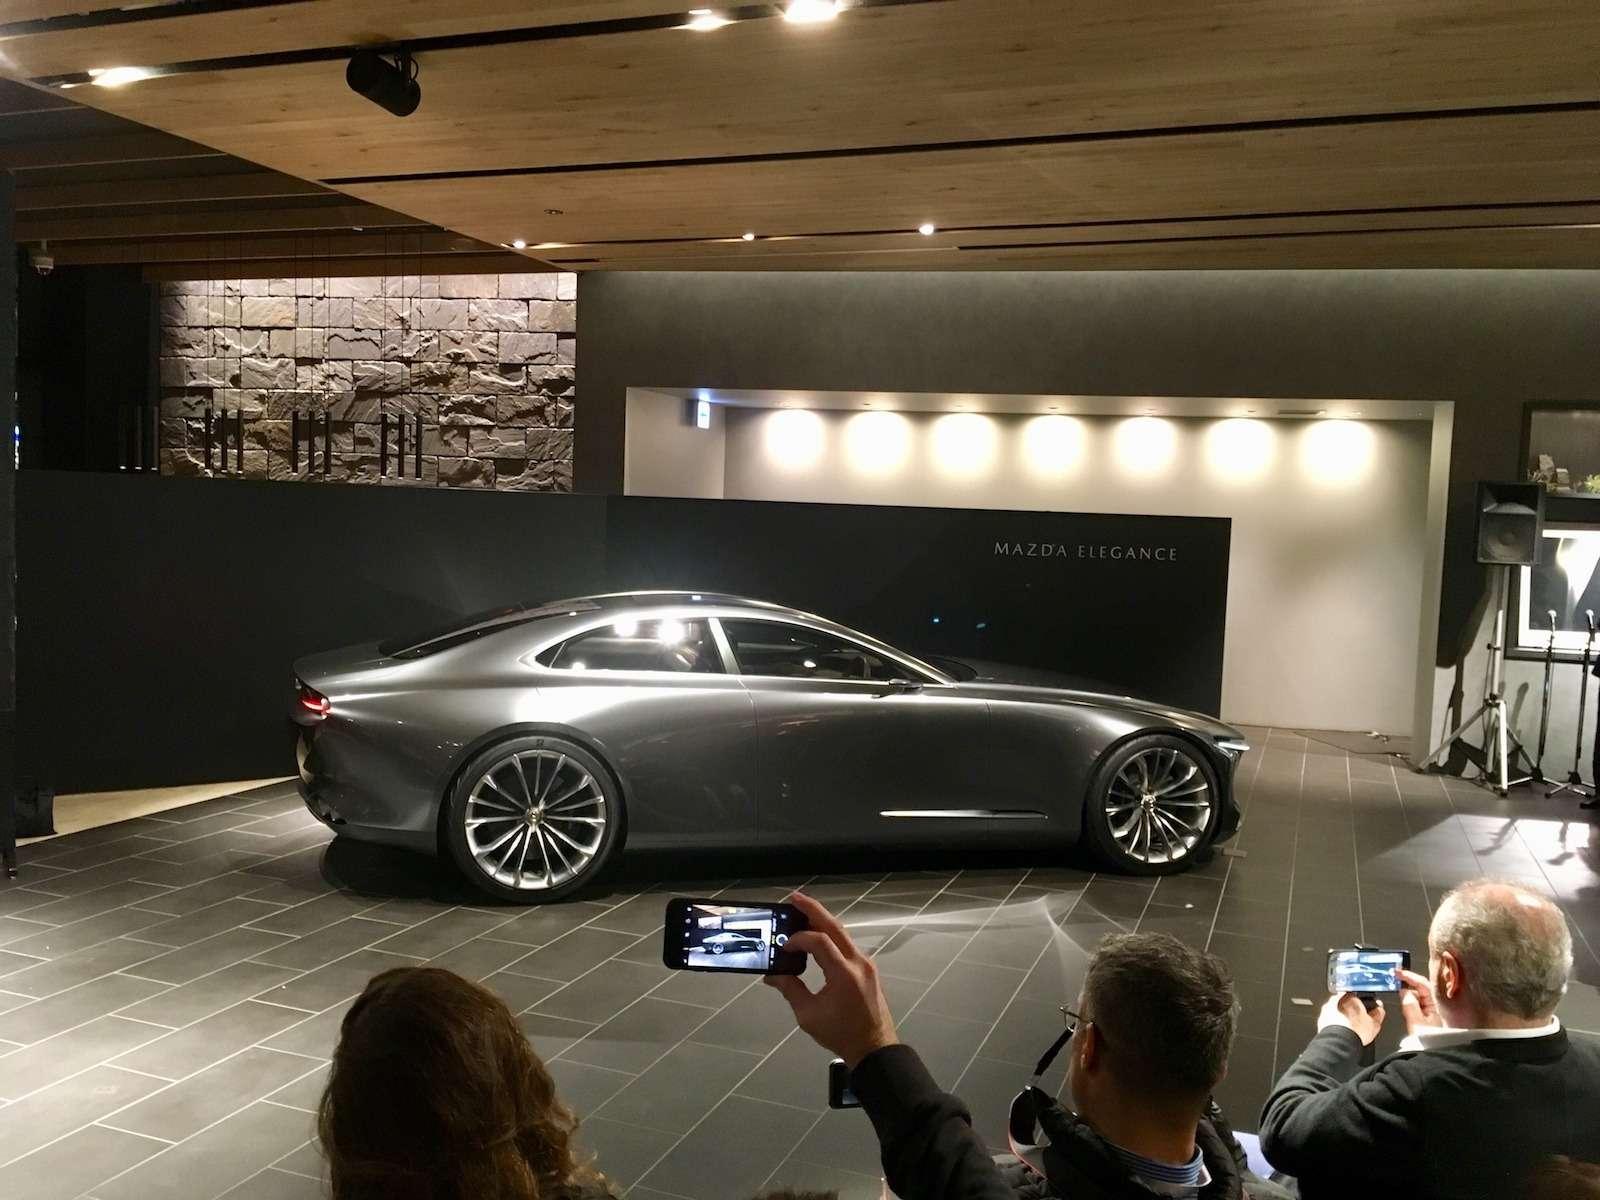 Больше света: Mazda представила обновленную дизайн-концепцию— фото 808877